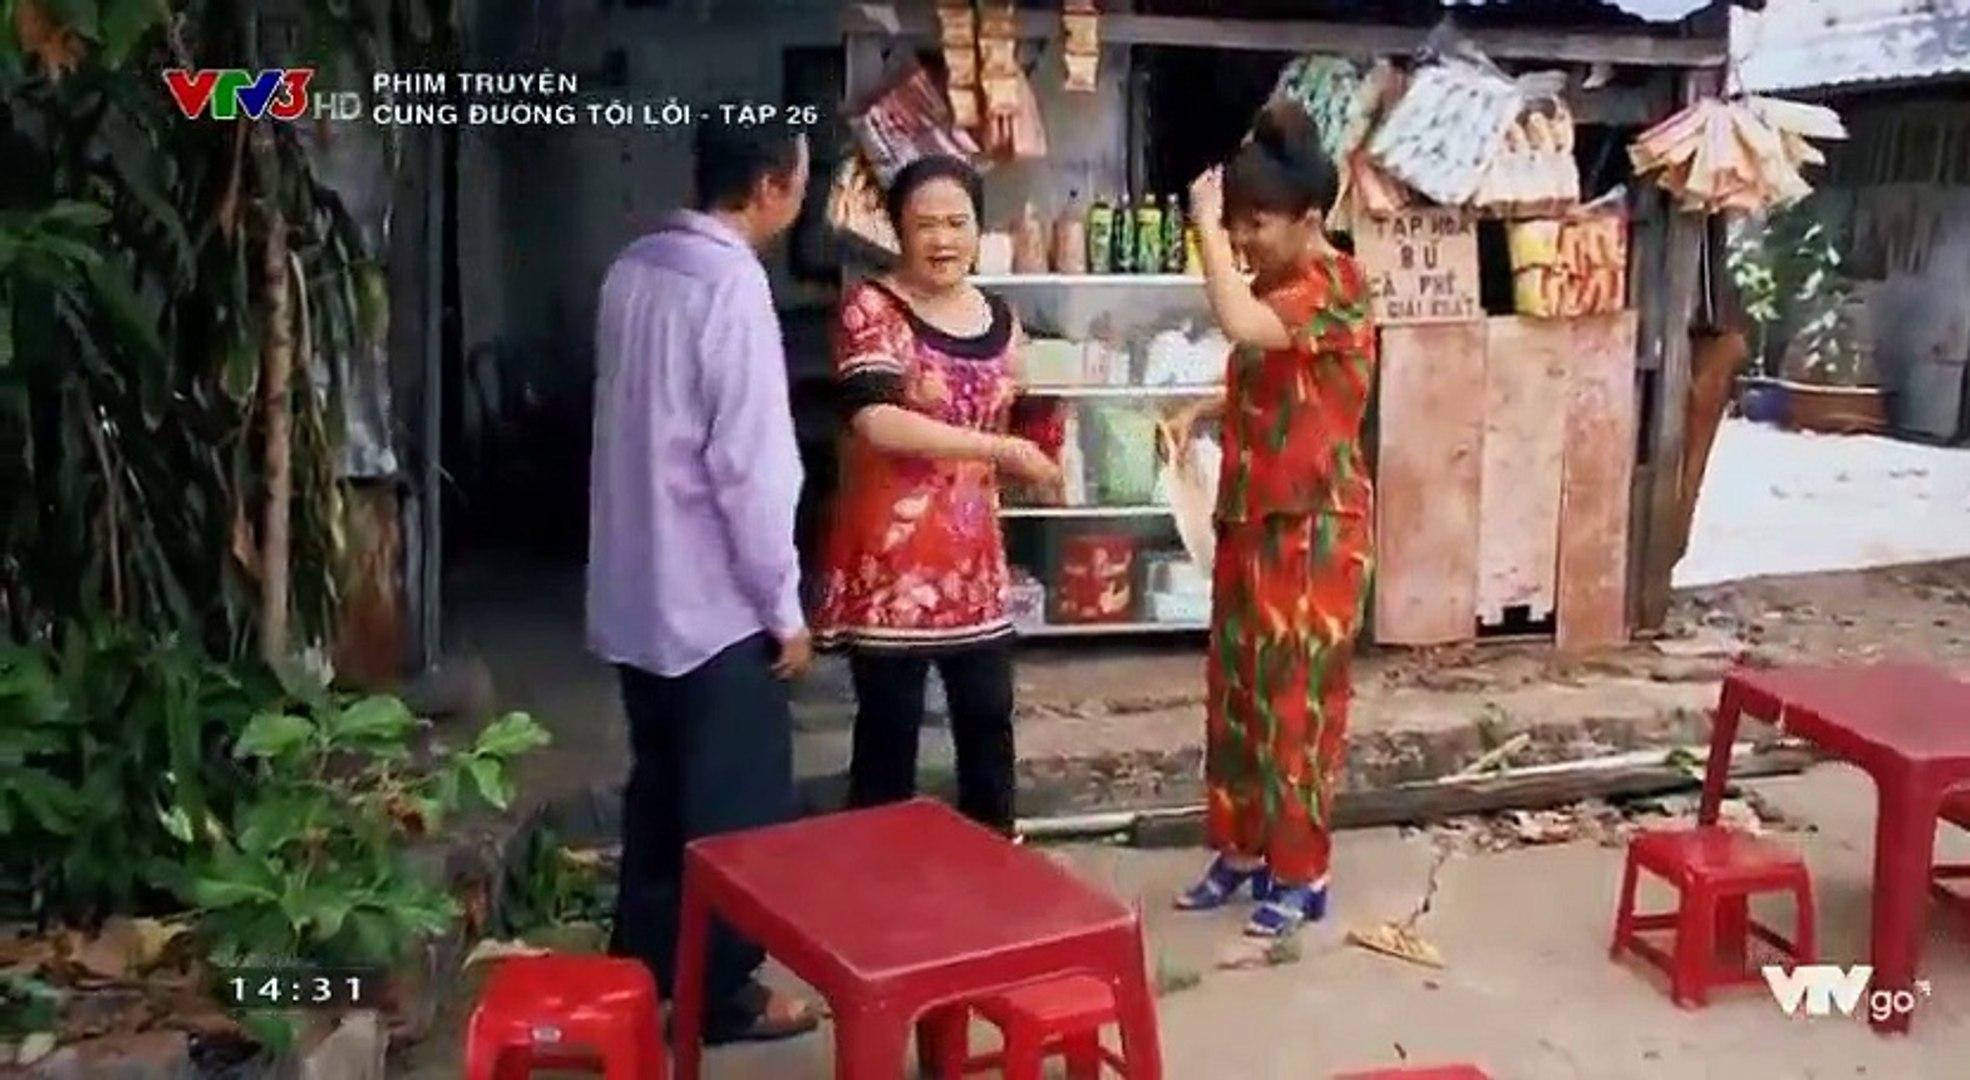 Cung Đường Tội Lỗi Tập 26 - Bản Chuẩn Full - Phim Việt Nam VTV3 Ngày 27/10/2018 - Cung Duong Toi Loi